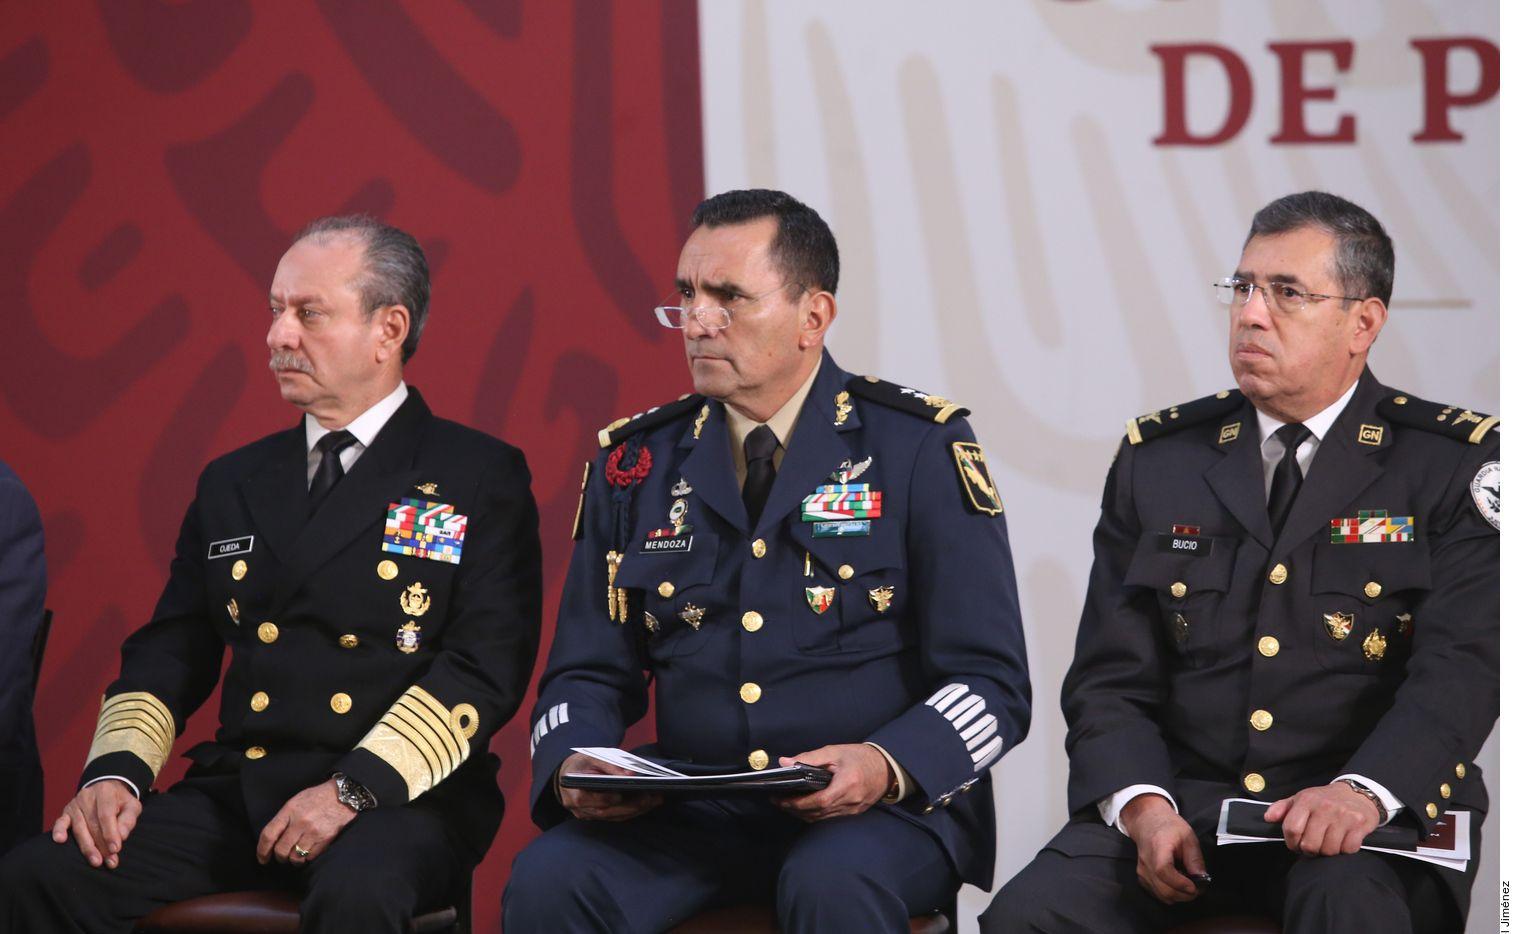 Según el General de Brigada Homero Mendoza (centro), jefe del Estado Mayor de la Sedena, sicarios de La Línea se enfrentaron en la madrugada de lunes con Los Salazar en Agua Prieta y temían una incursión de éstos en Chihuahua.